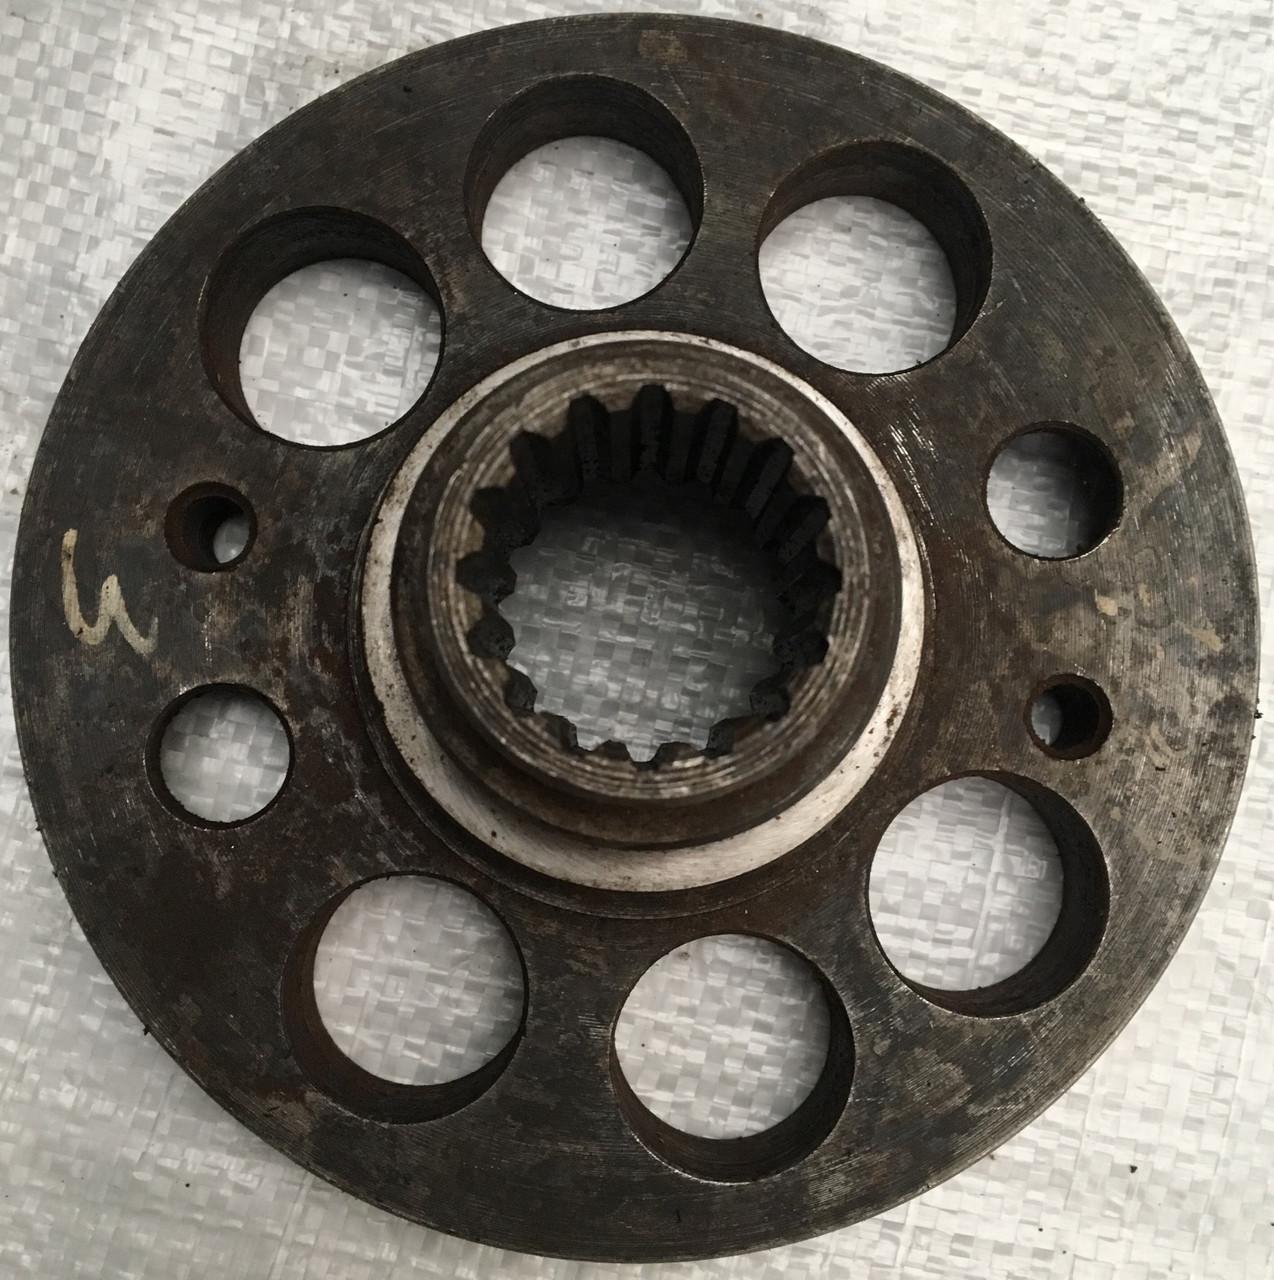 Фланец коленчатого вала 236-1005121  диаметром (20/160) тракторов производства завода ХТЗ, Т-150Г,Т-150К,Т-156